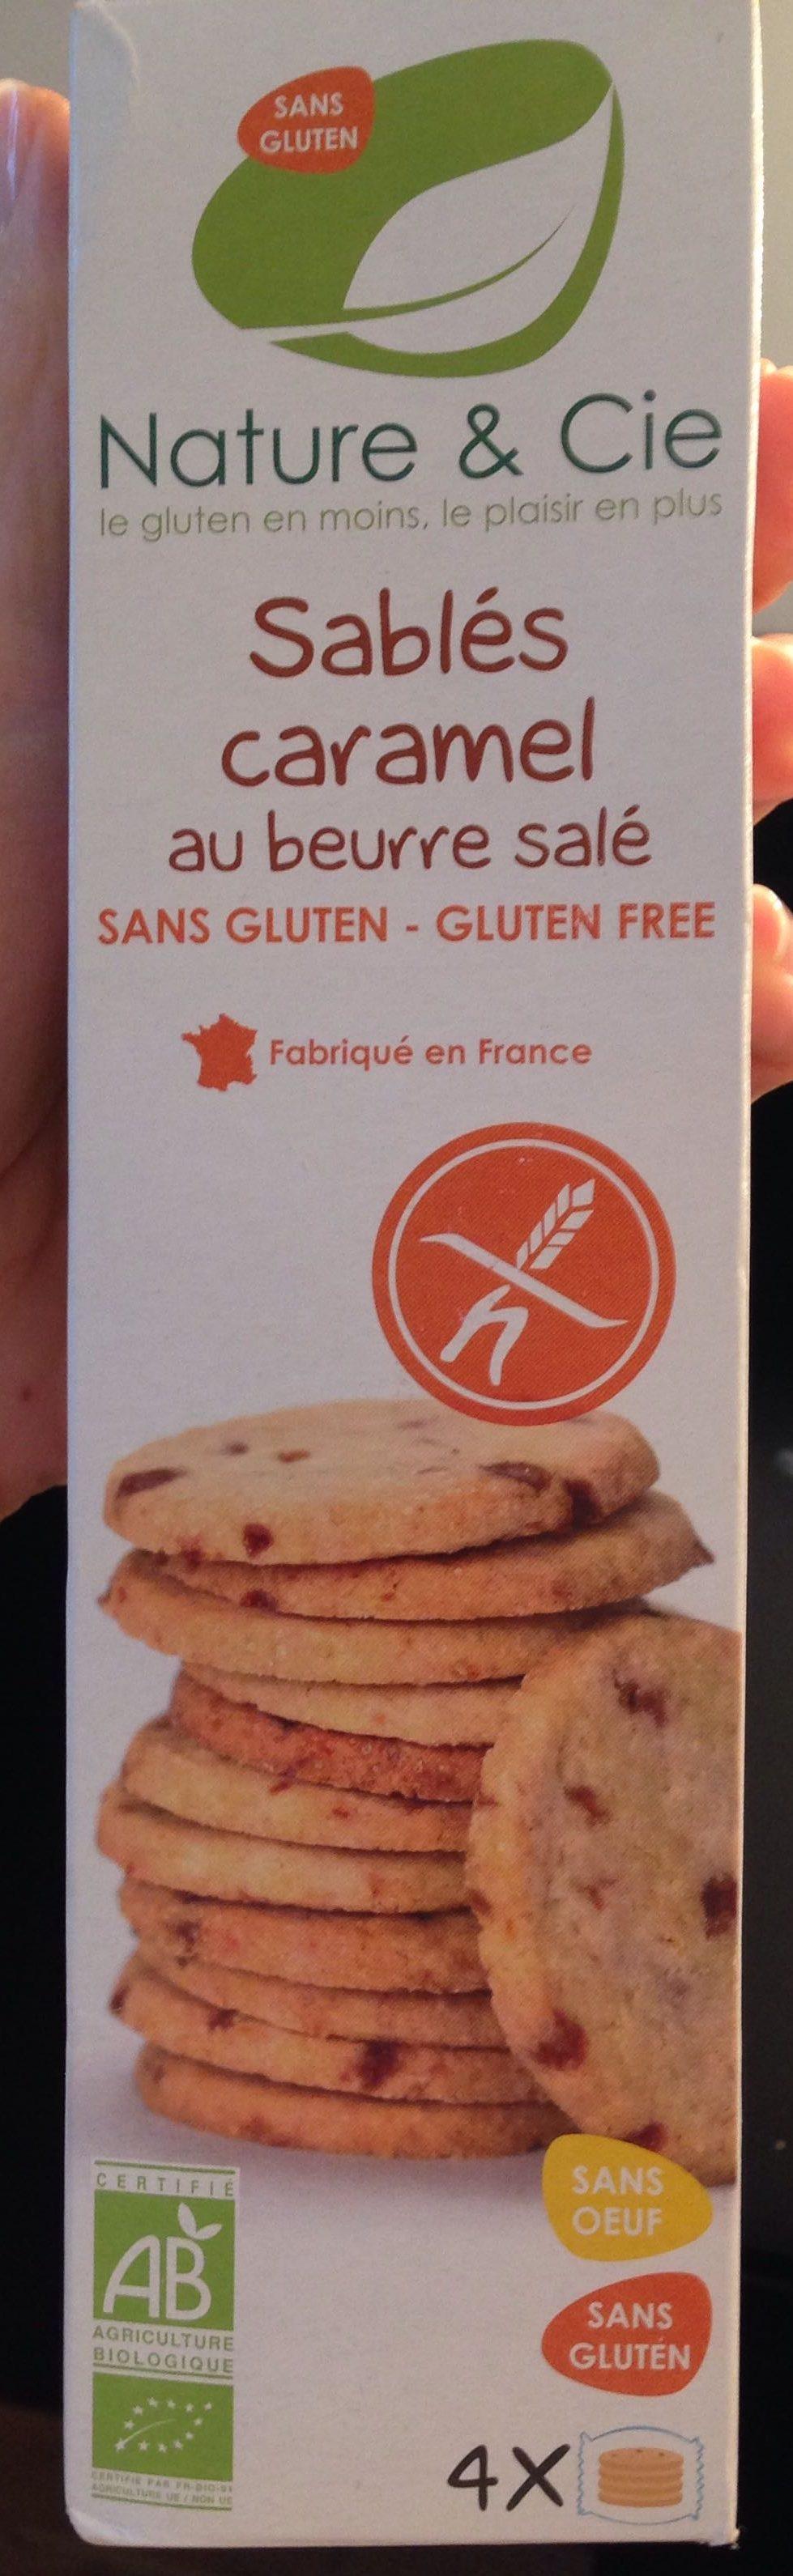 Sablés caramel au beurre salé - 产品 - fr